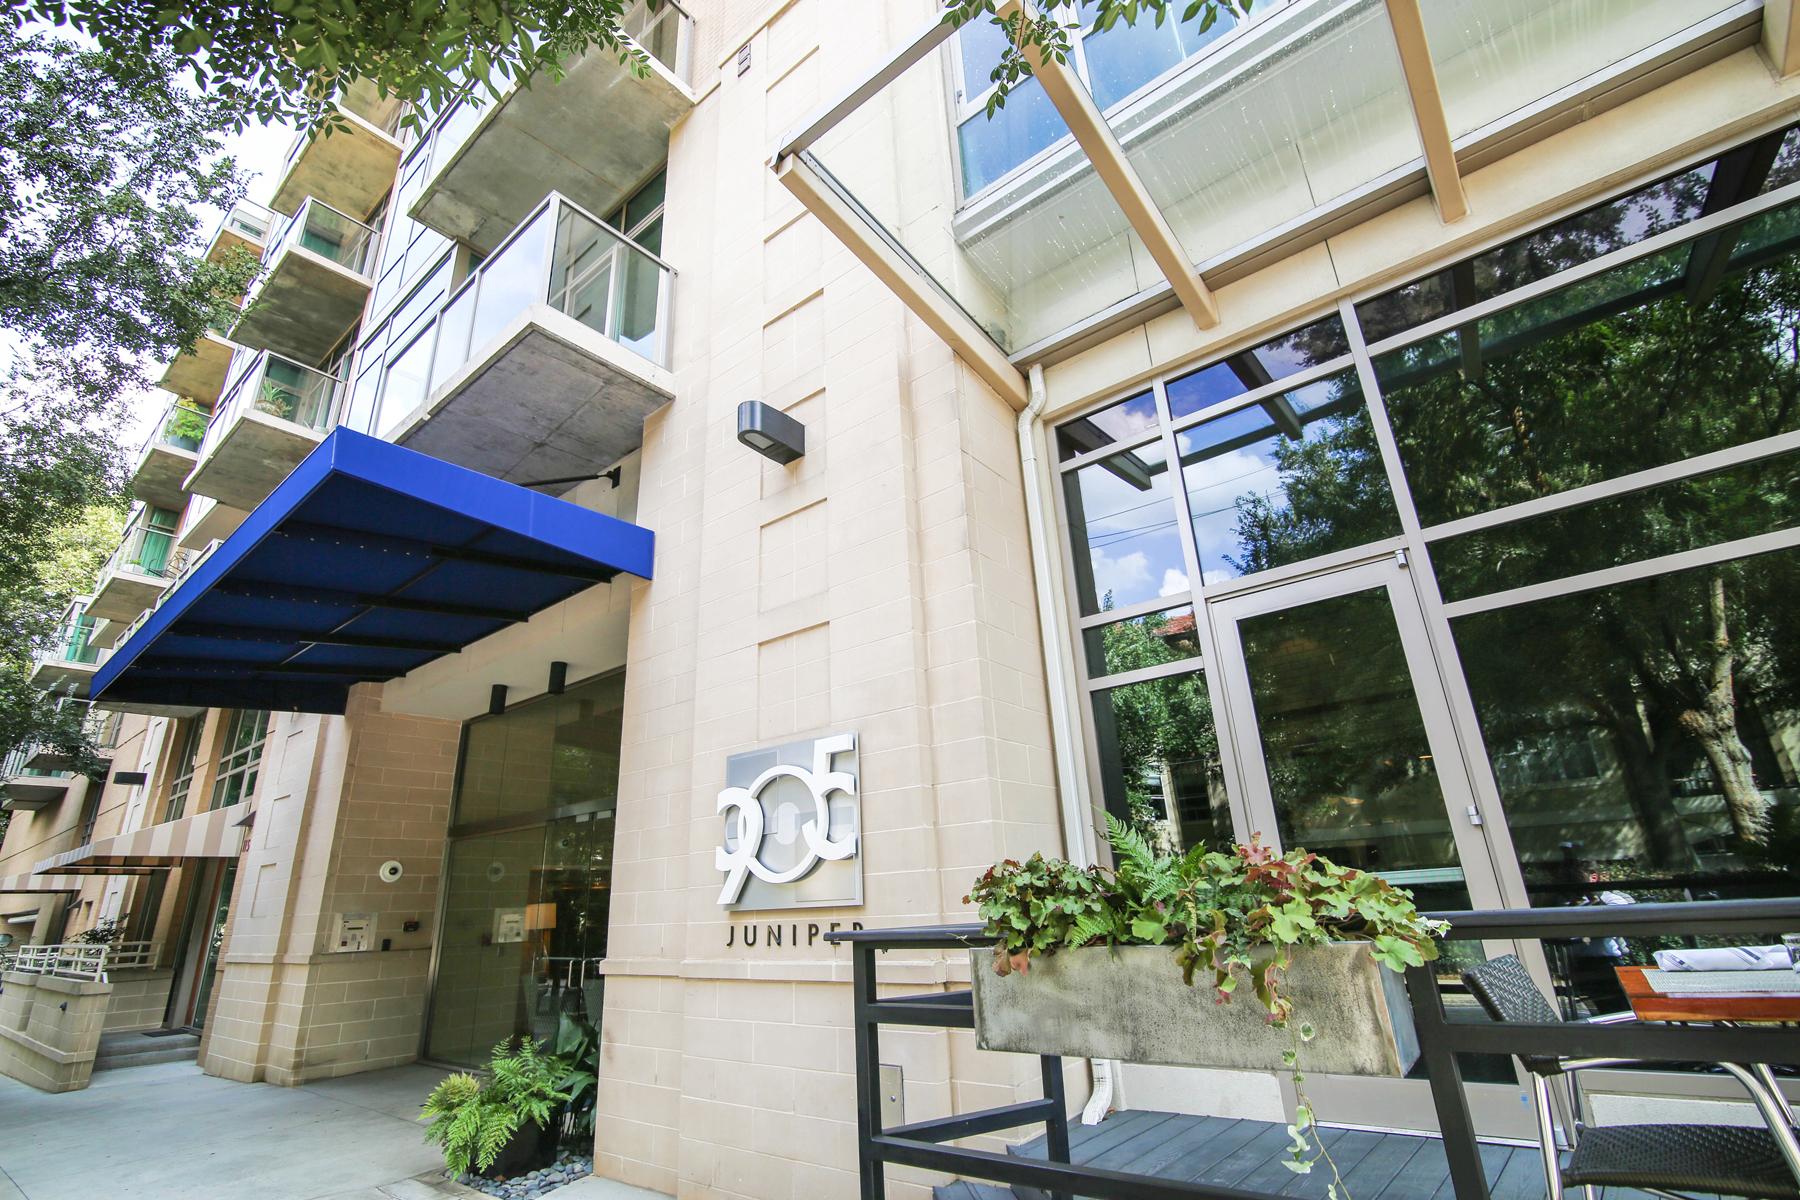 콘도미니엄 용 매매 에 Exclusive Three Story Condo With Street Access, Two Parking Spaces And Storage 905 Juniper Street #117 Atlanta, 조지아 30309 미국